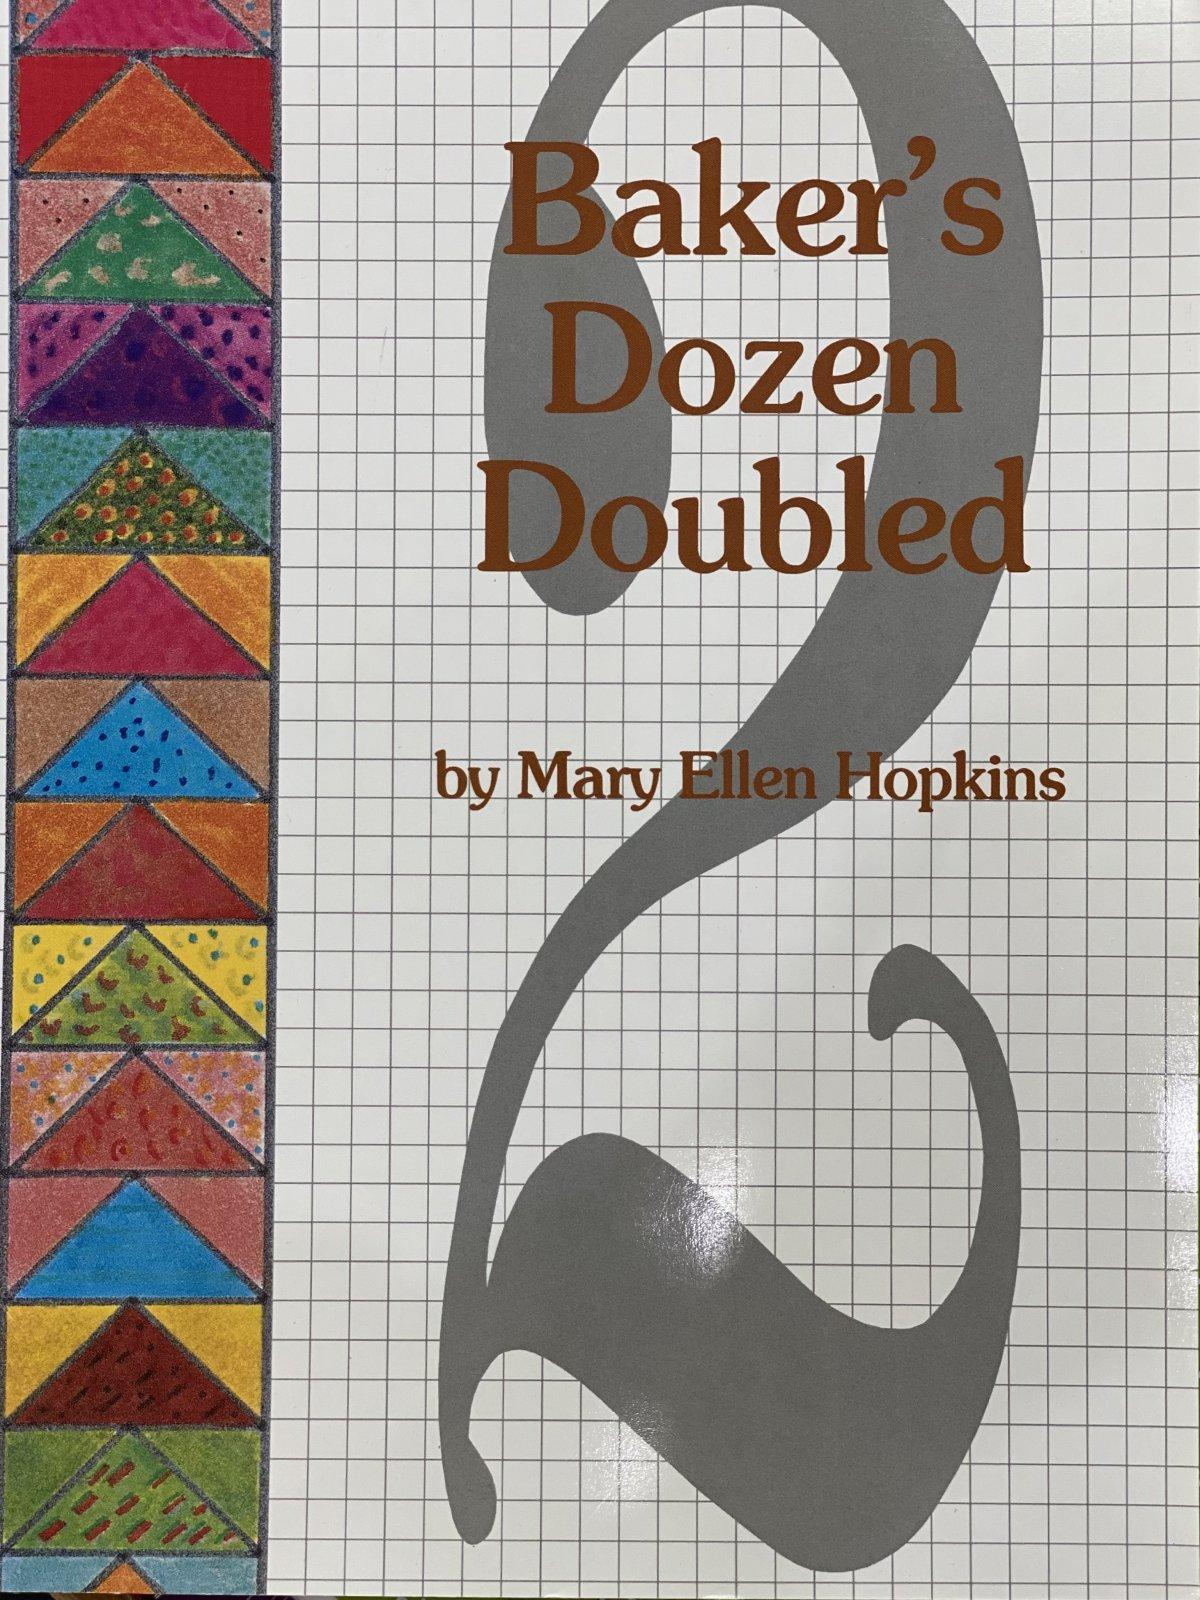 Baker's Dozen Doubled 2 by Mary Ellen Hopkins